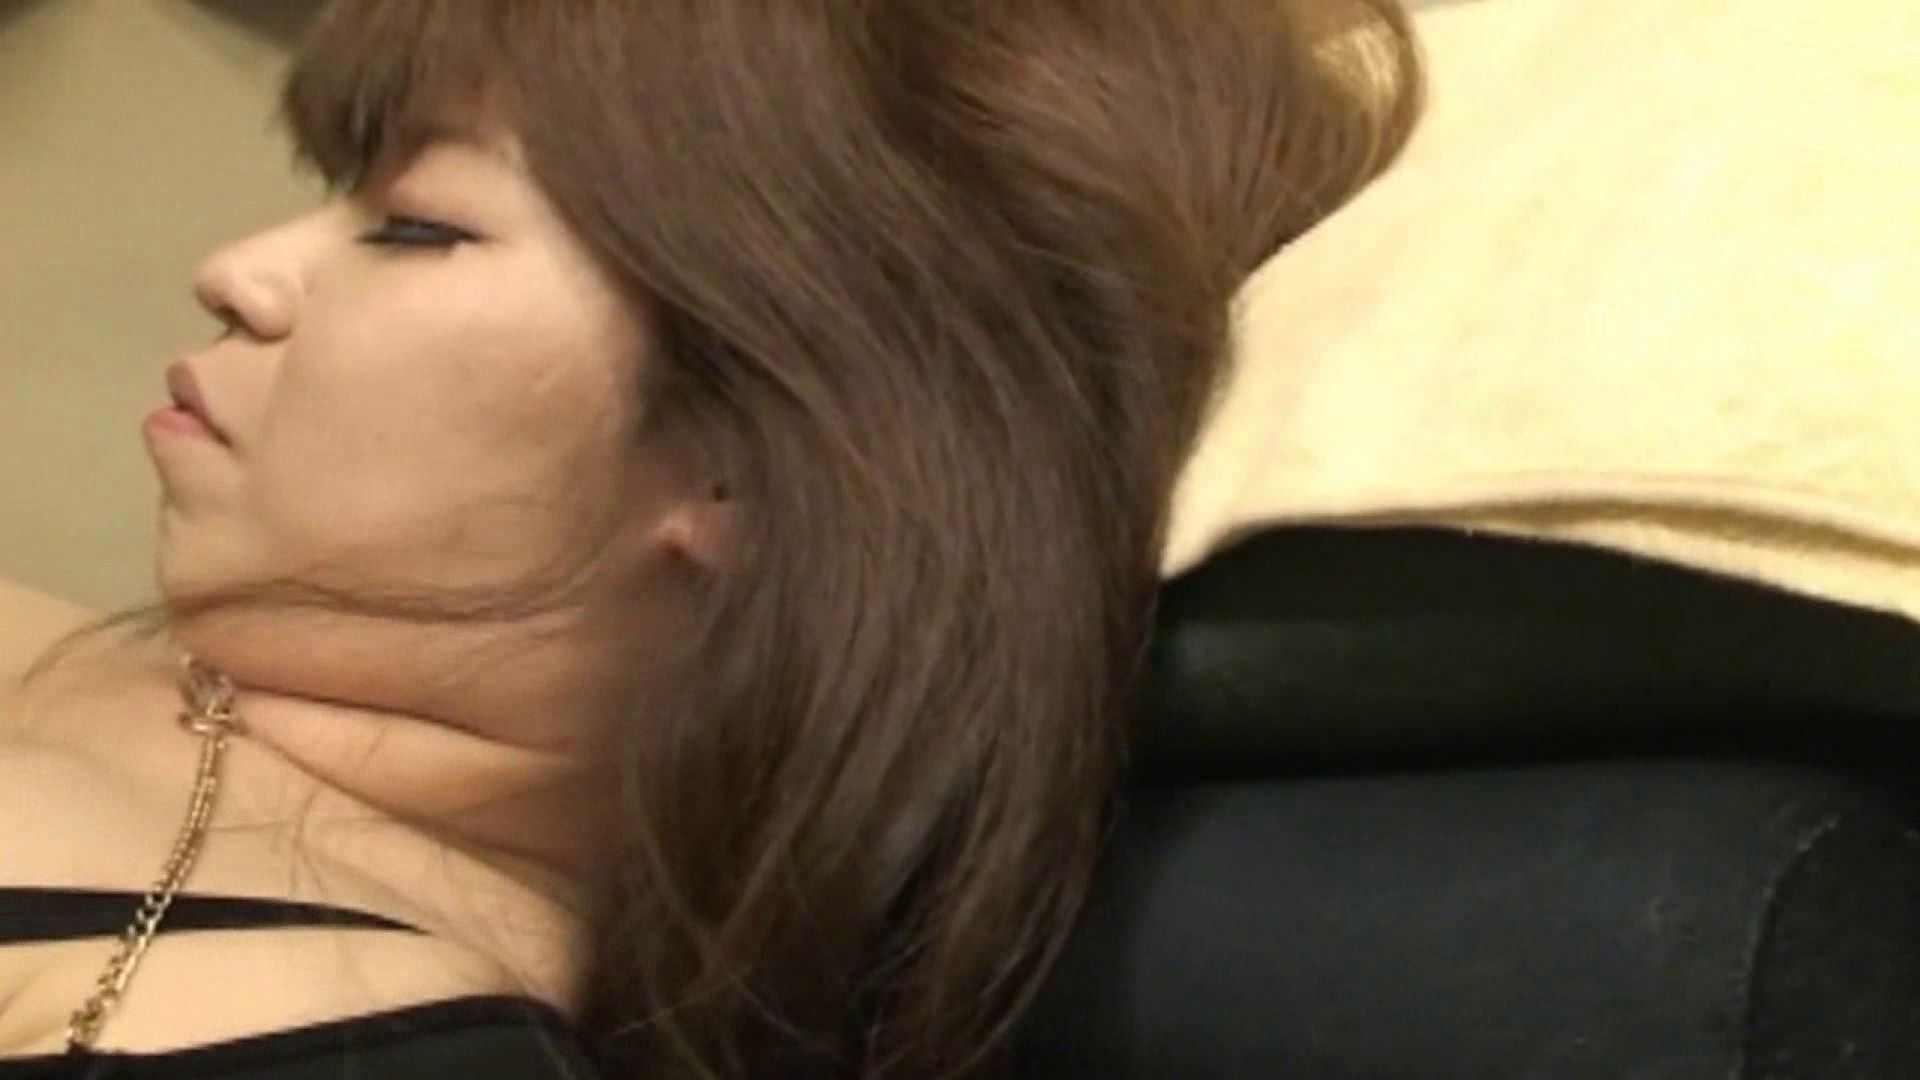 S級厳選美女ビッチガールVol.15 ぽっちゃり | モデル  85pic 21